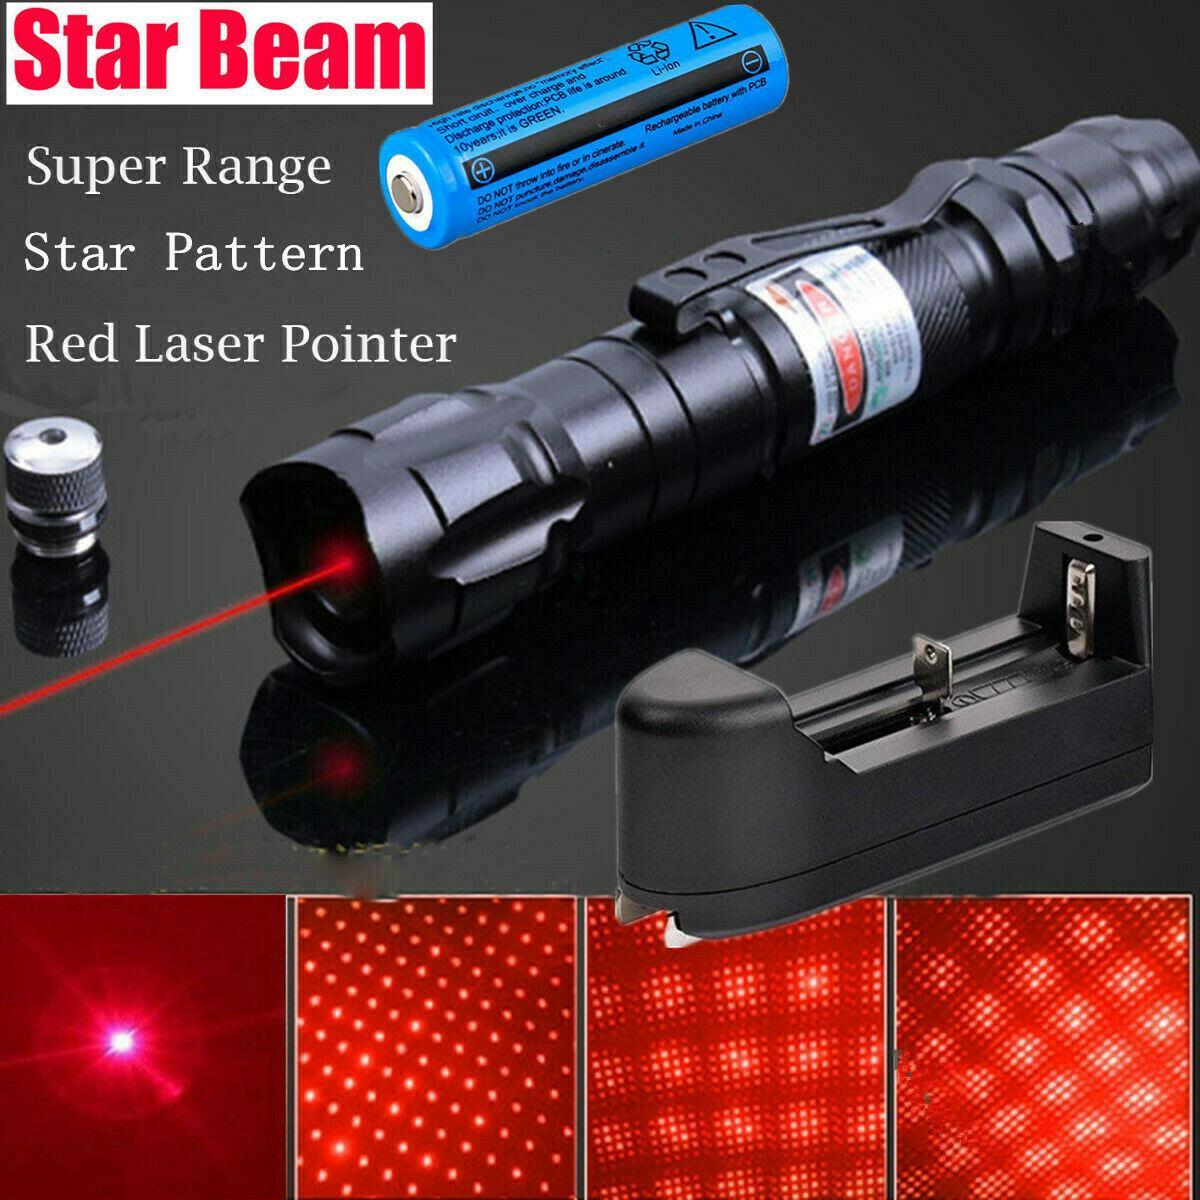 100miles potente 009 rosso della penna del laser 5mw 650m del fascio di luce militare 2in1 laser rosso Pen Star Cap + 18650 Battery +